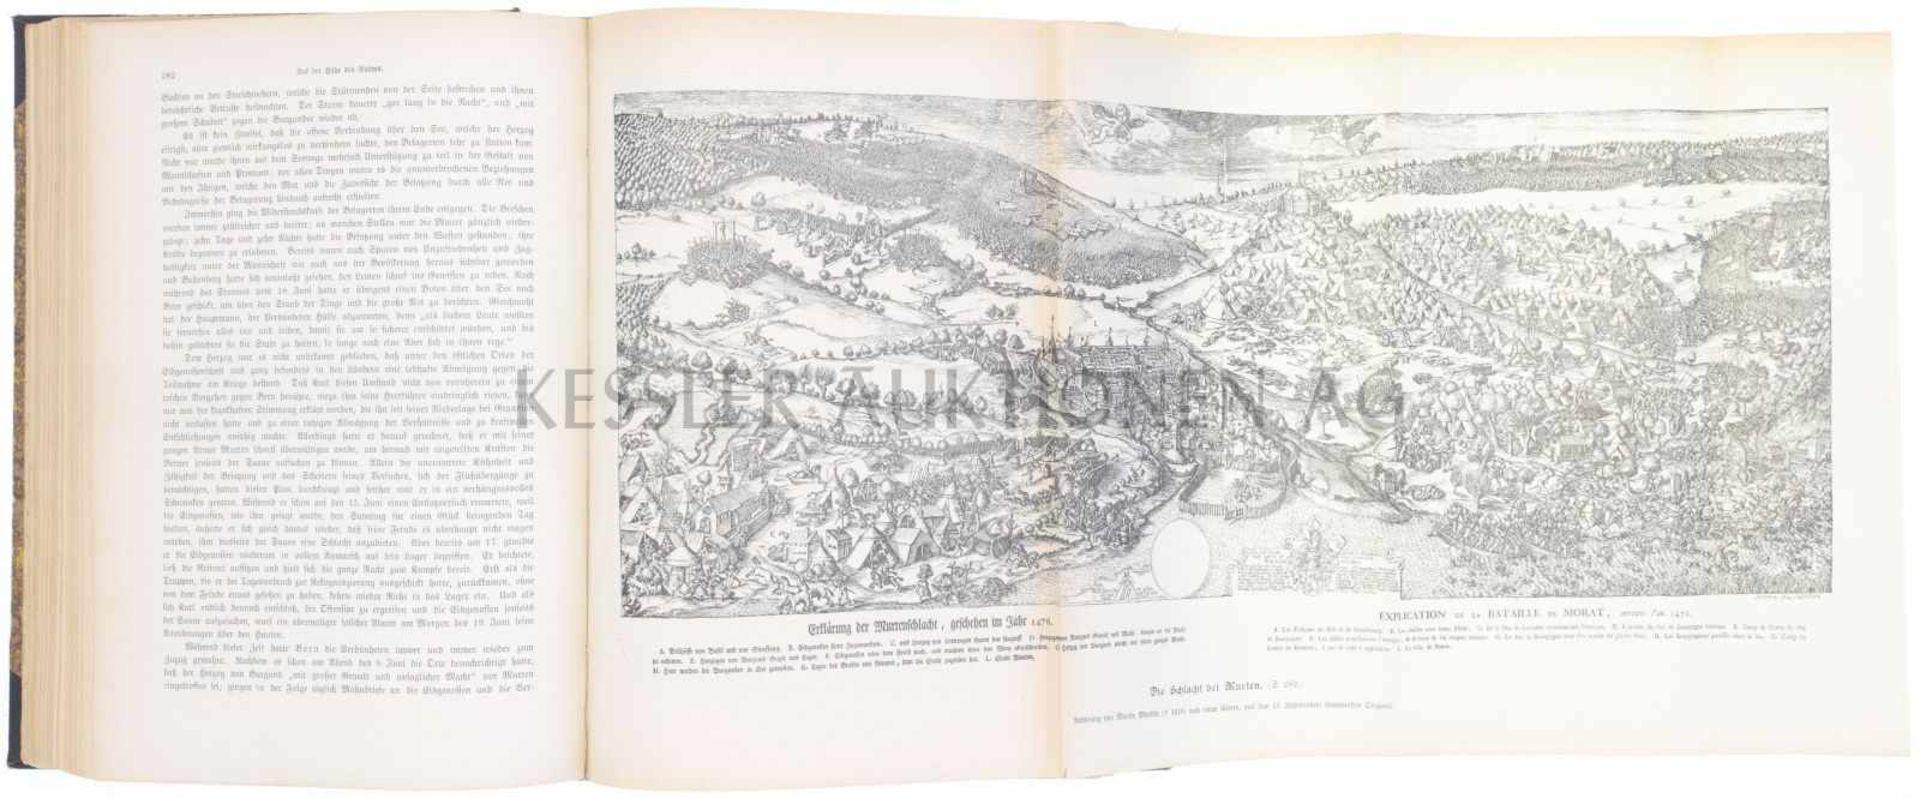 Buch, Kriegstaten der Schweizer Oberst Emil Frey, Alt Bundesrat verfasste dieses Buch 1904. Auf